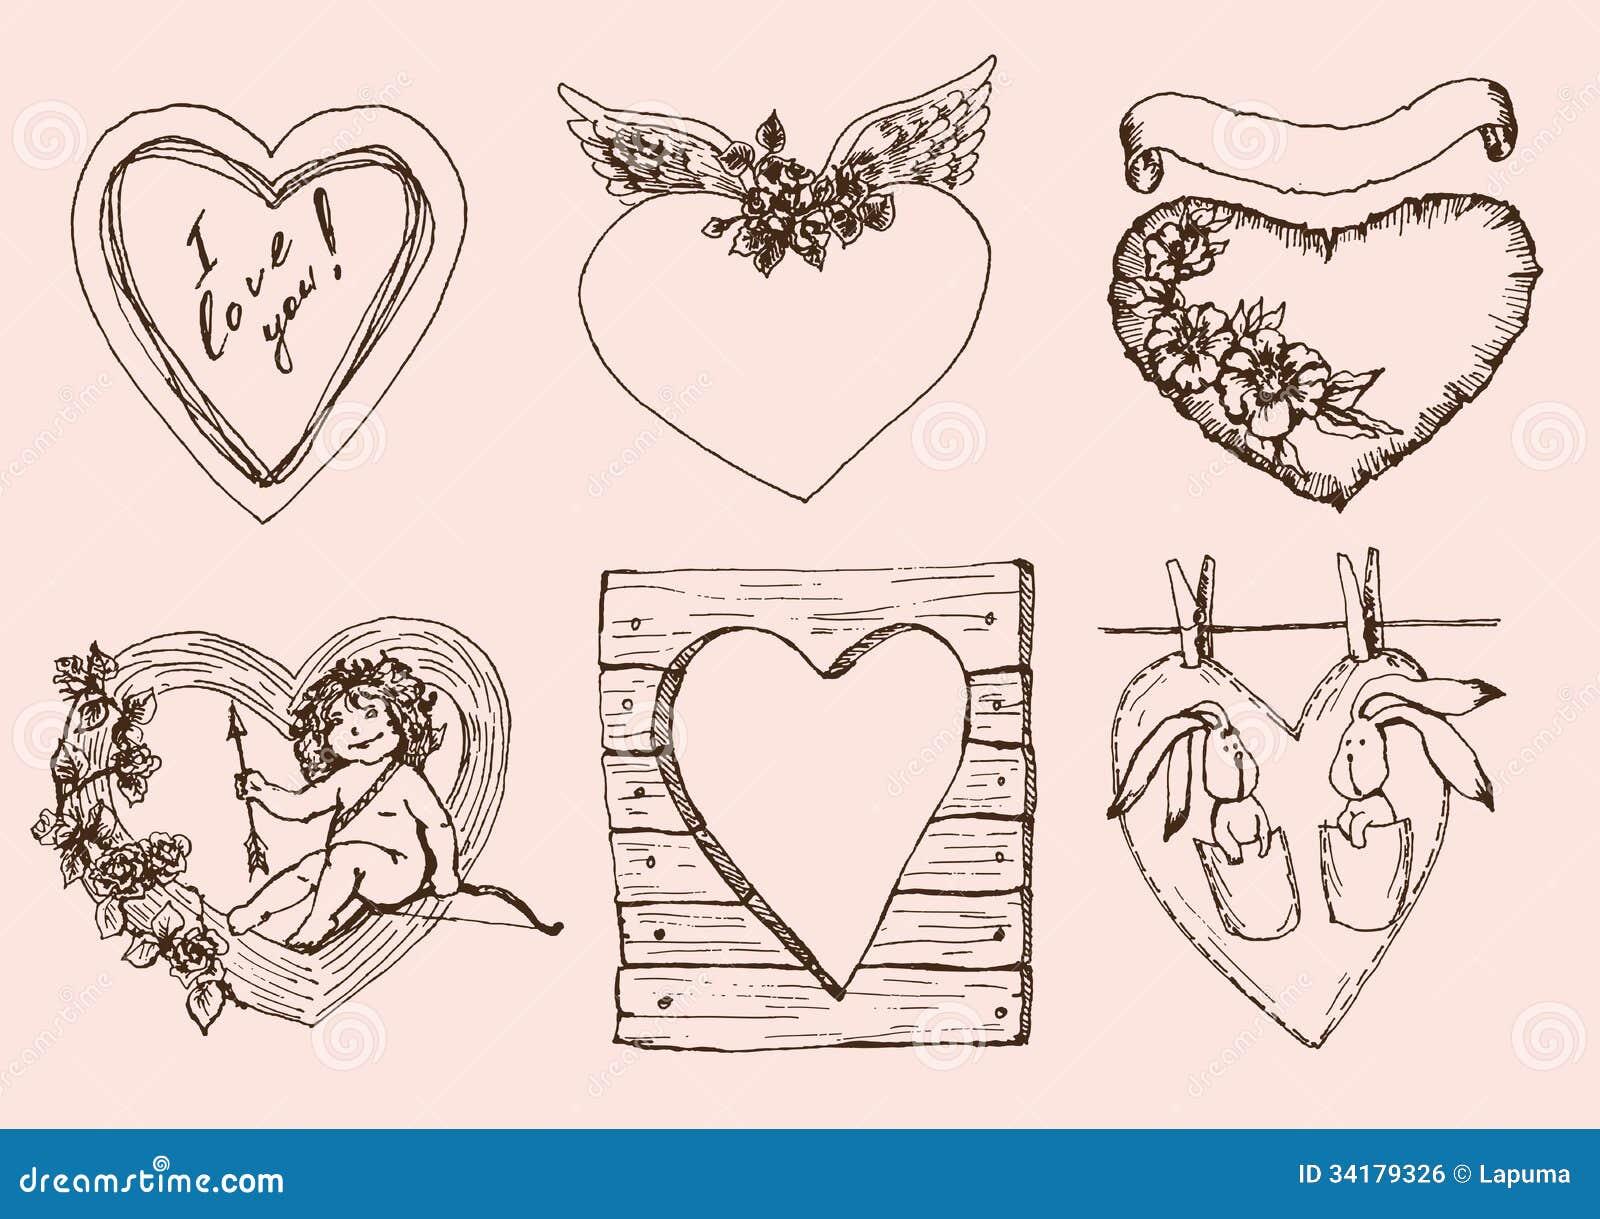 葡萄酒心脏为情人节图片